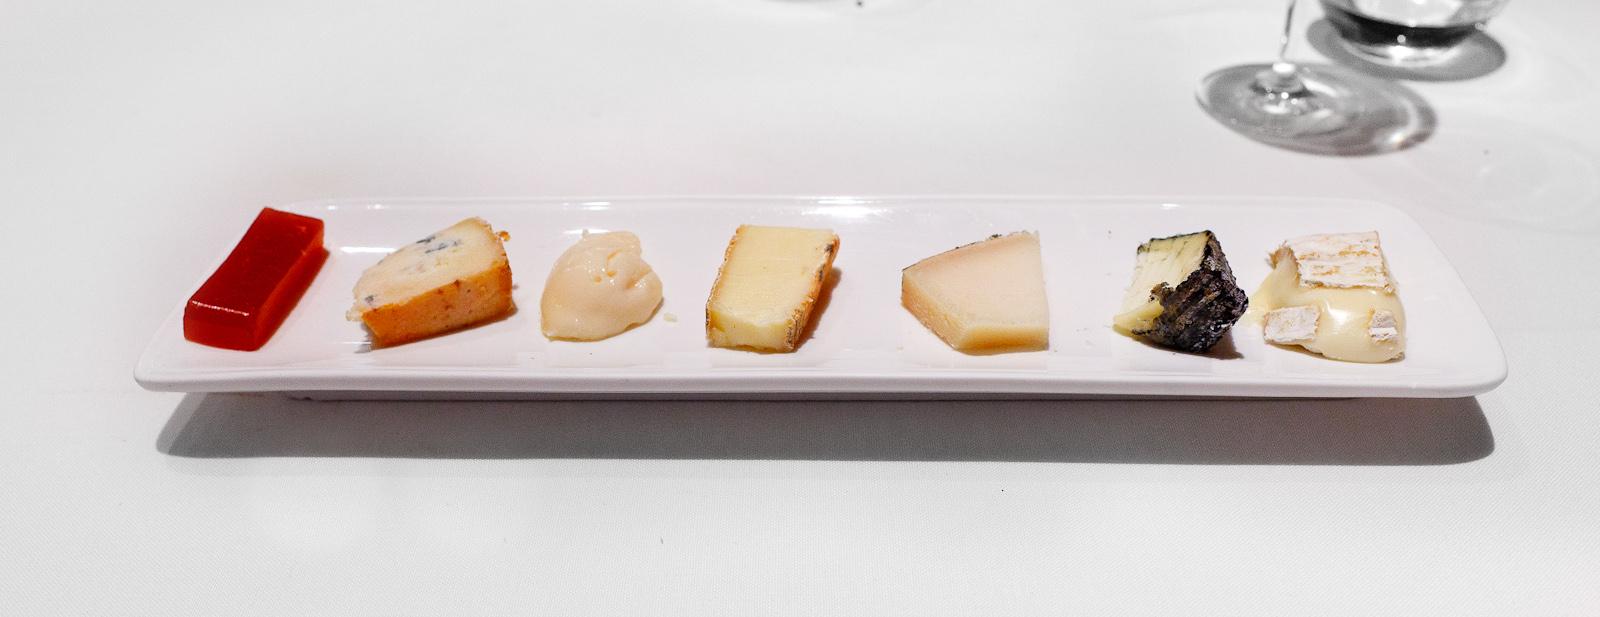 Hisop, Spain - Cheese course- Tou de Til.lers, Piramide del Quirol, Cabra de la Garrotxa (Bauma), Taleggio, Torta de la Serena, Blau de l'Avi Ton